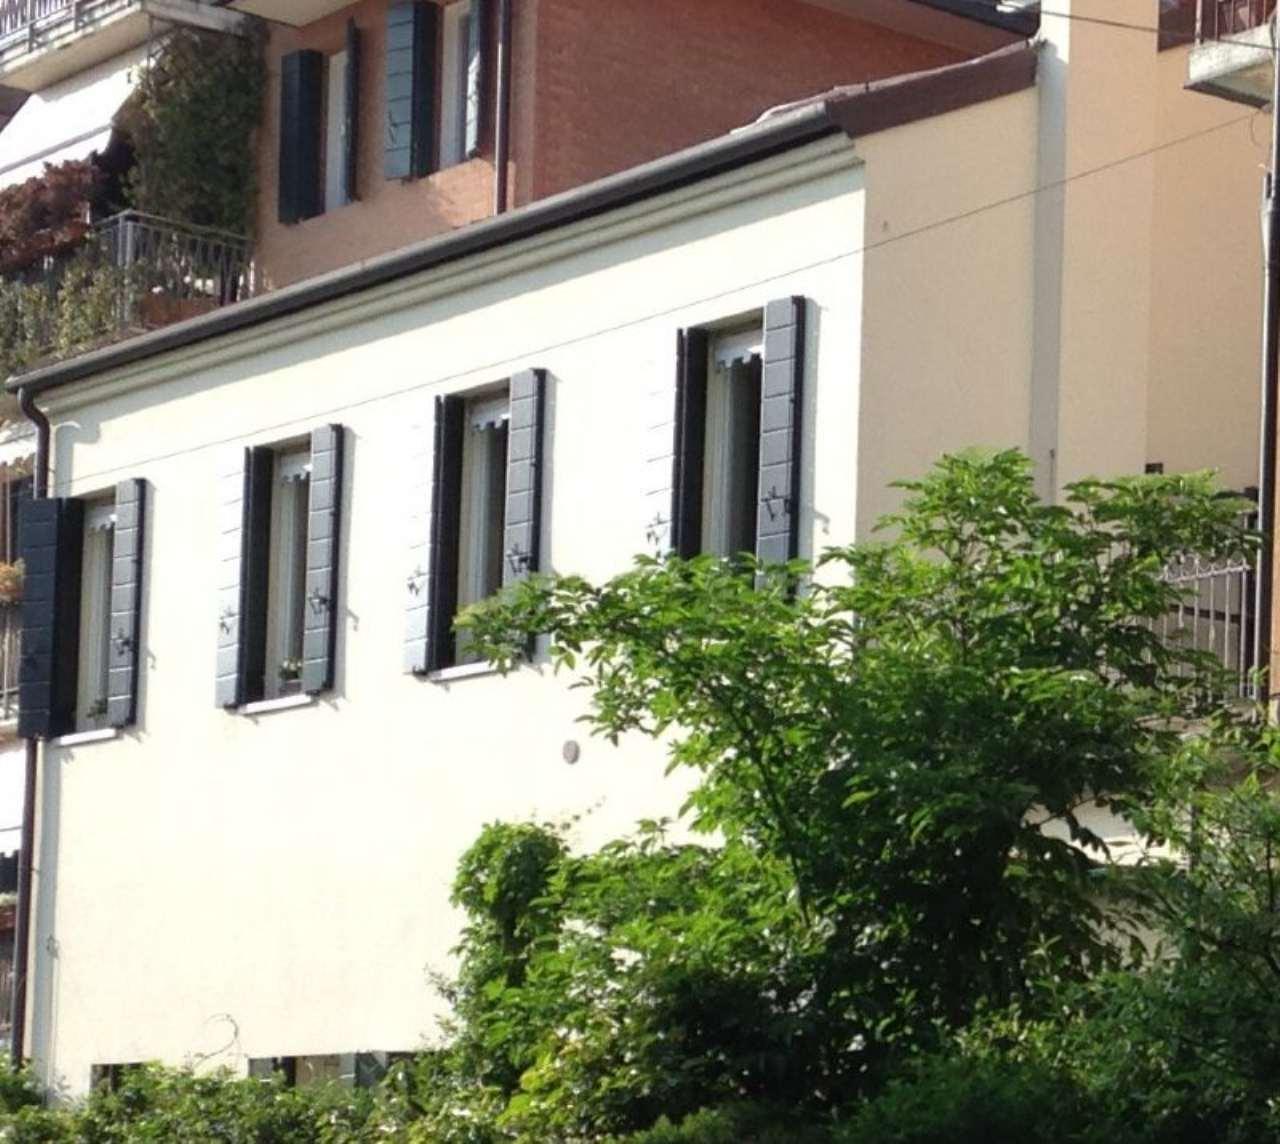 Soluzione Indipendente in vendita a Padova, 9999 locali, zona Zona: 1 . Centro, prezzo € 498.000 | CambioCasa.it